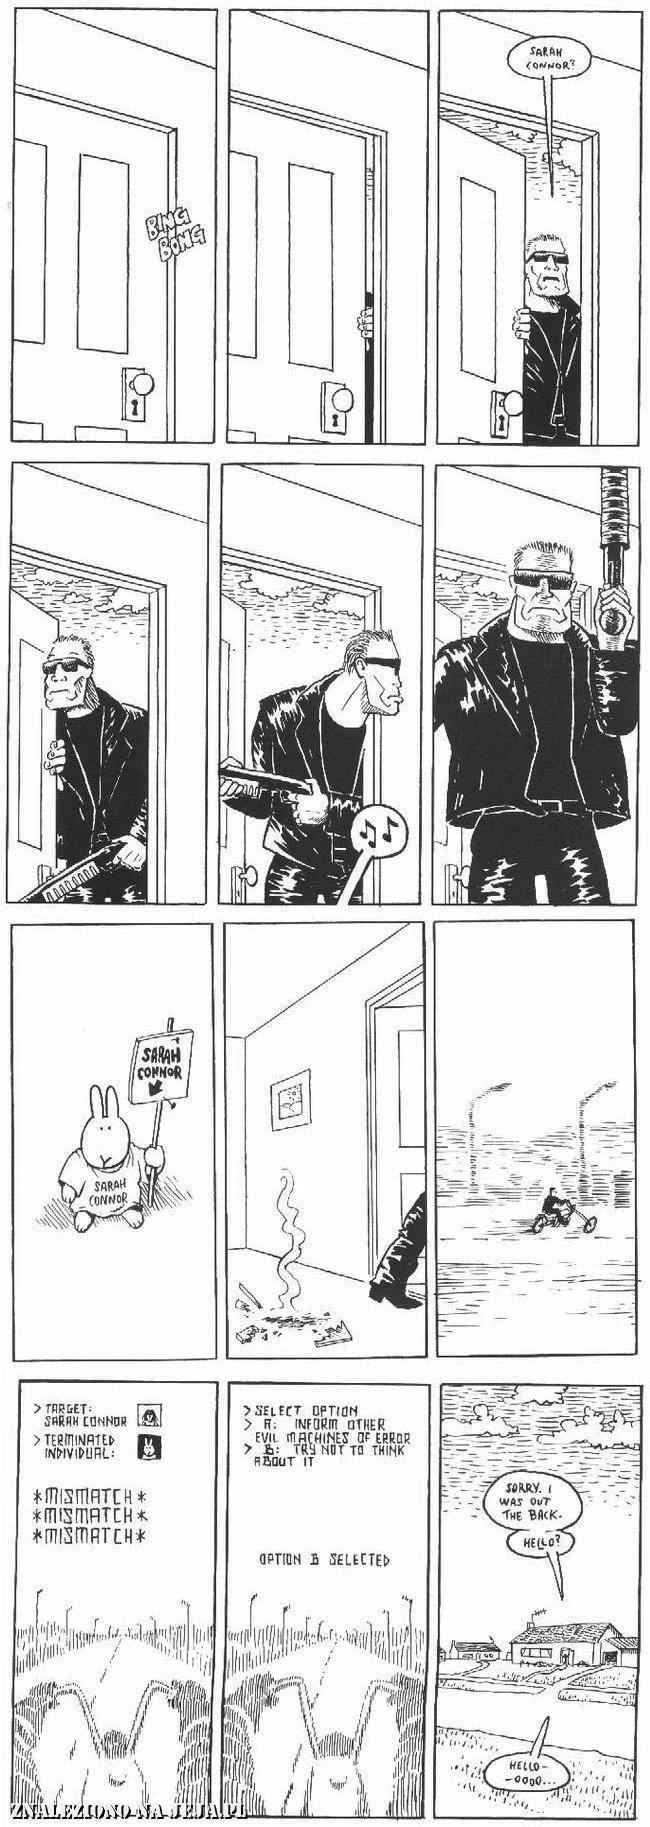 Samobójstwa zajączka: Zajączek i terminator